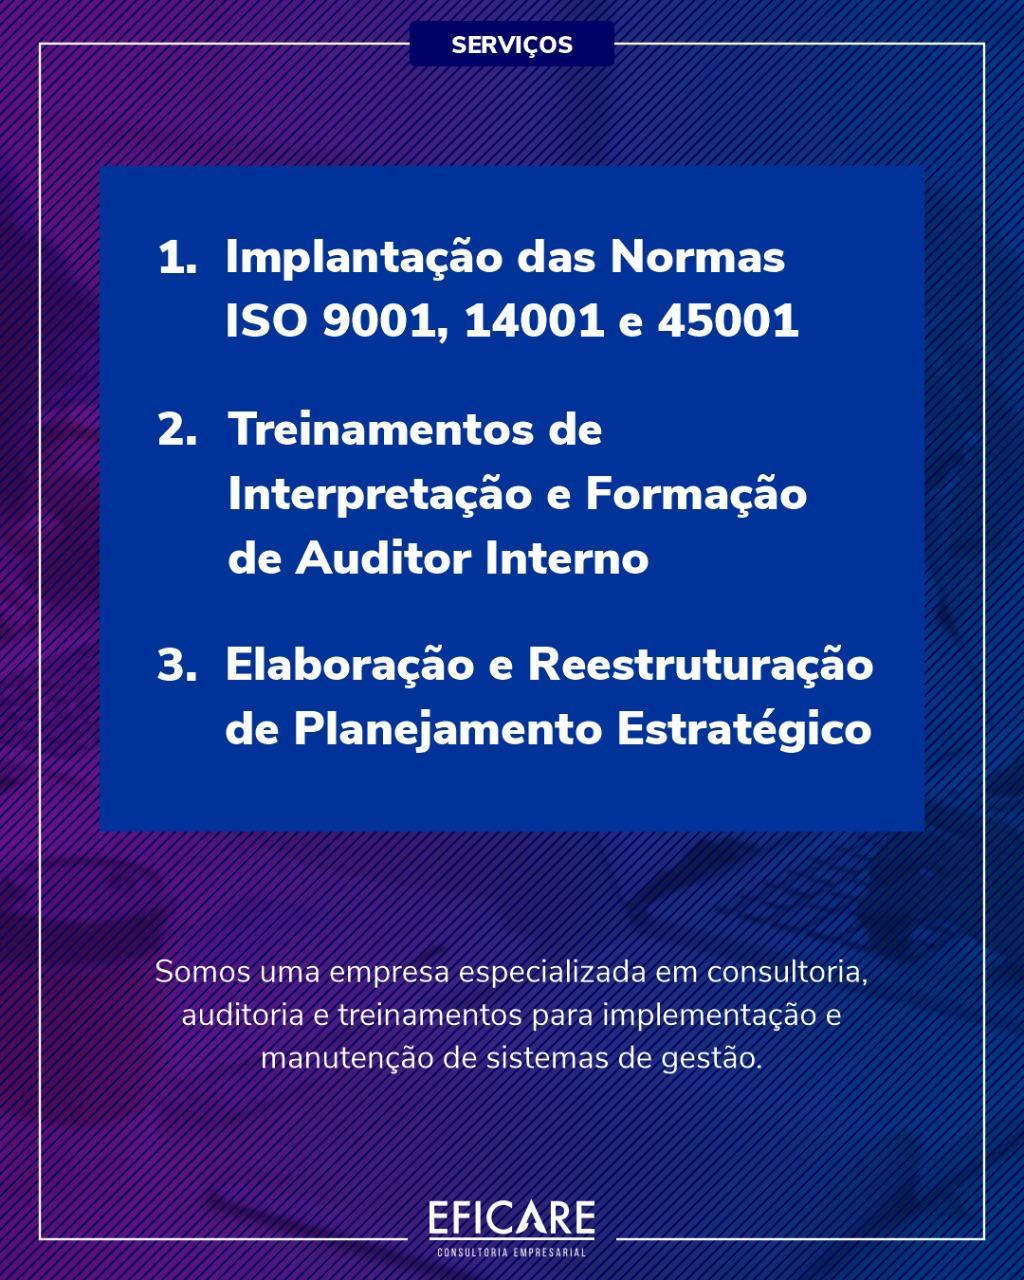 CONSULTORIA ISO 9001 EM SÃO JOÃO - RS